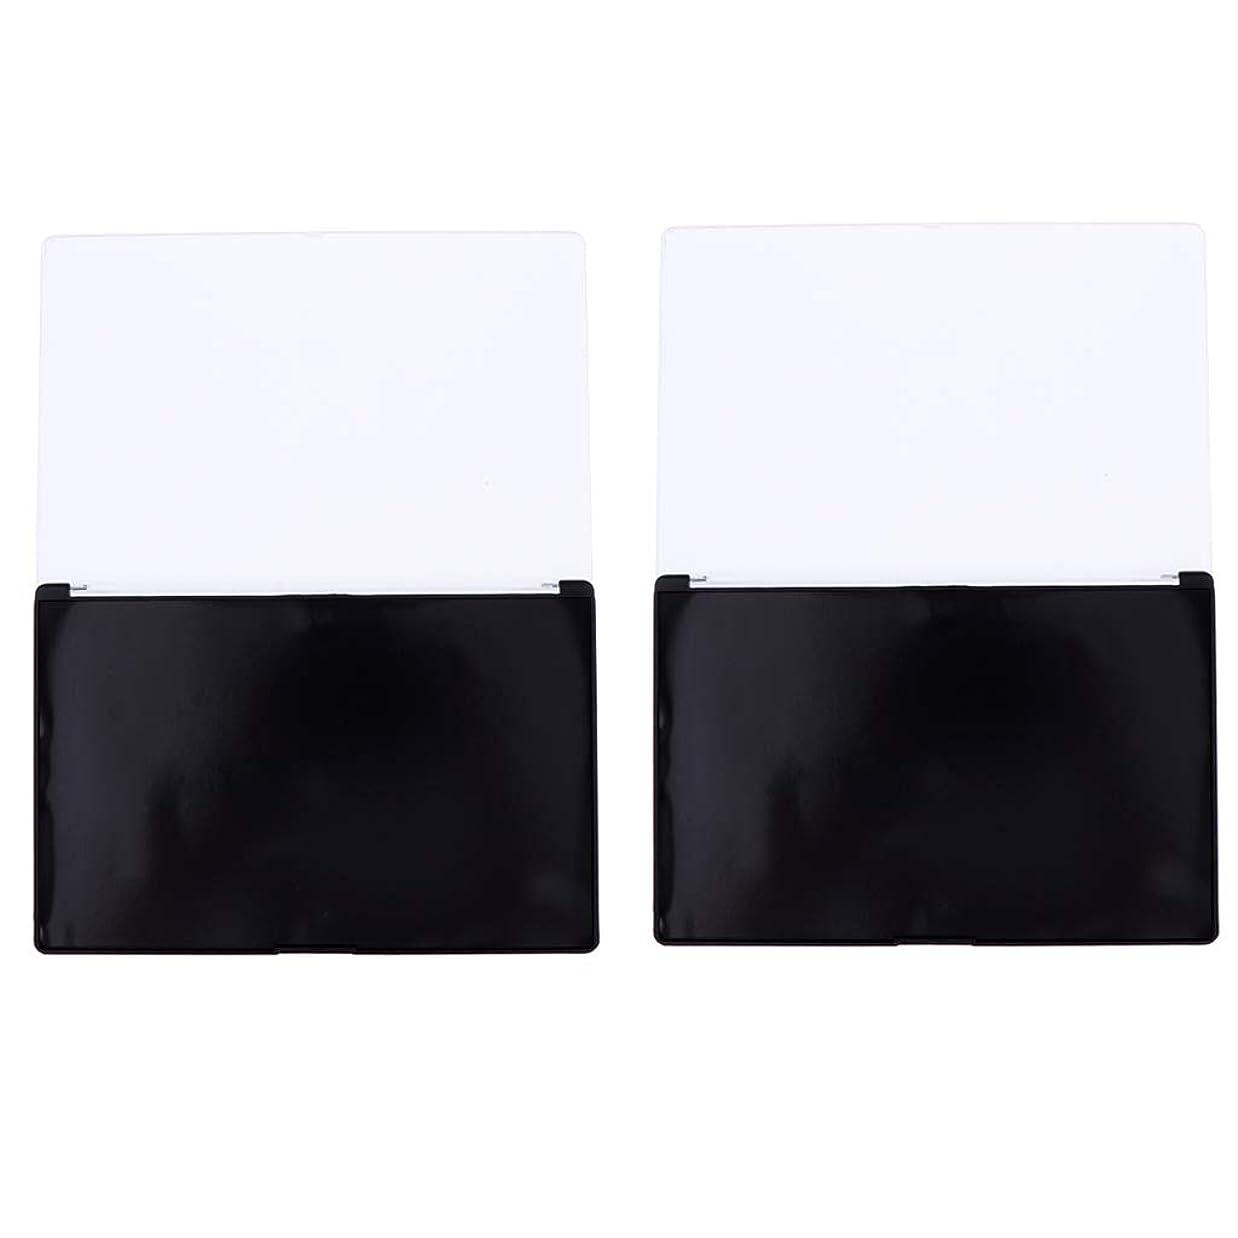 気分が悪い専門スリンク磁気パレット ボックス アイシャドーウ パウダー 化粧品 ケース DIY 旅行 メイクアップボックス